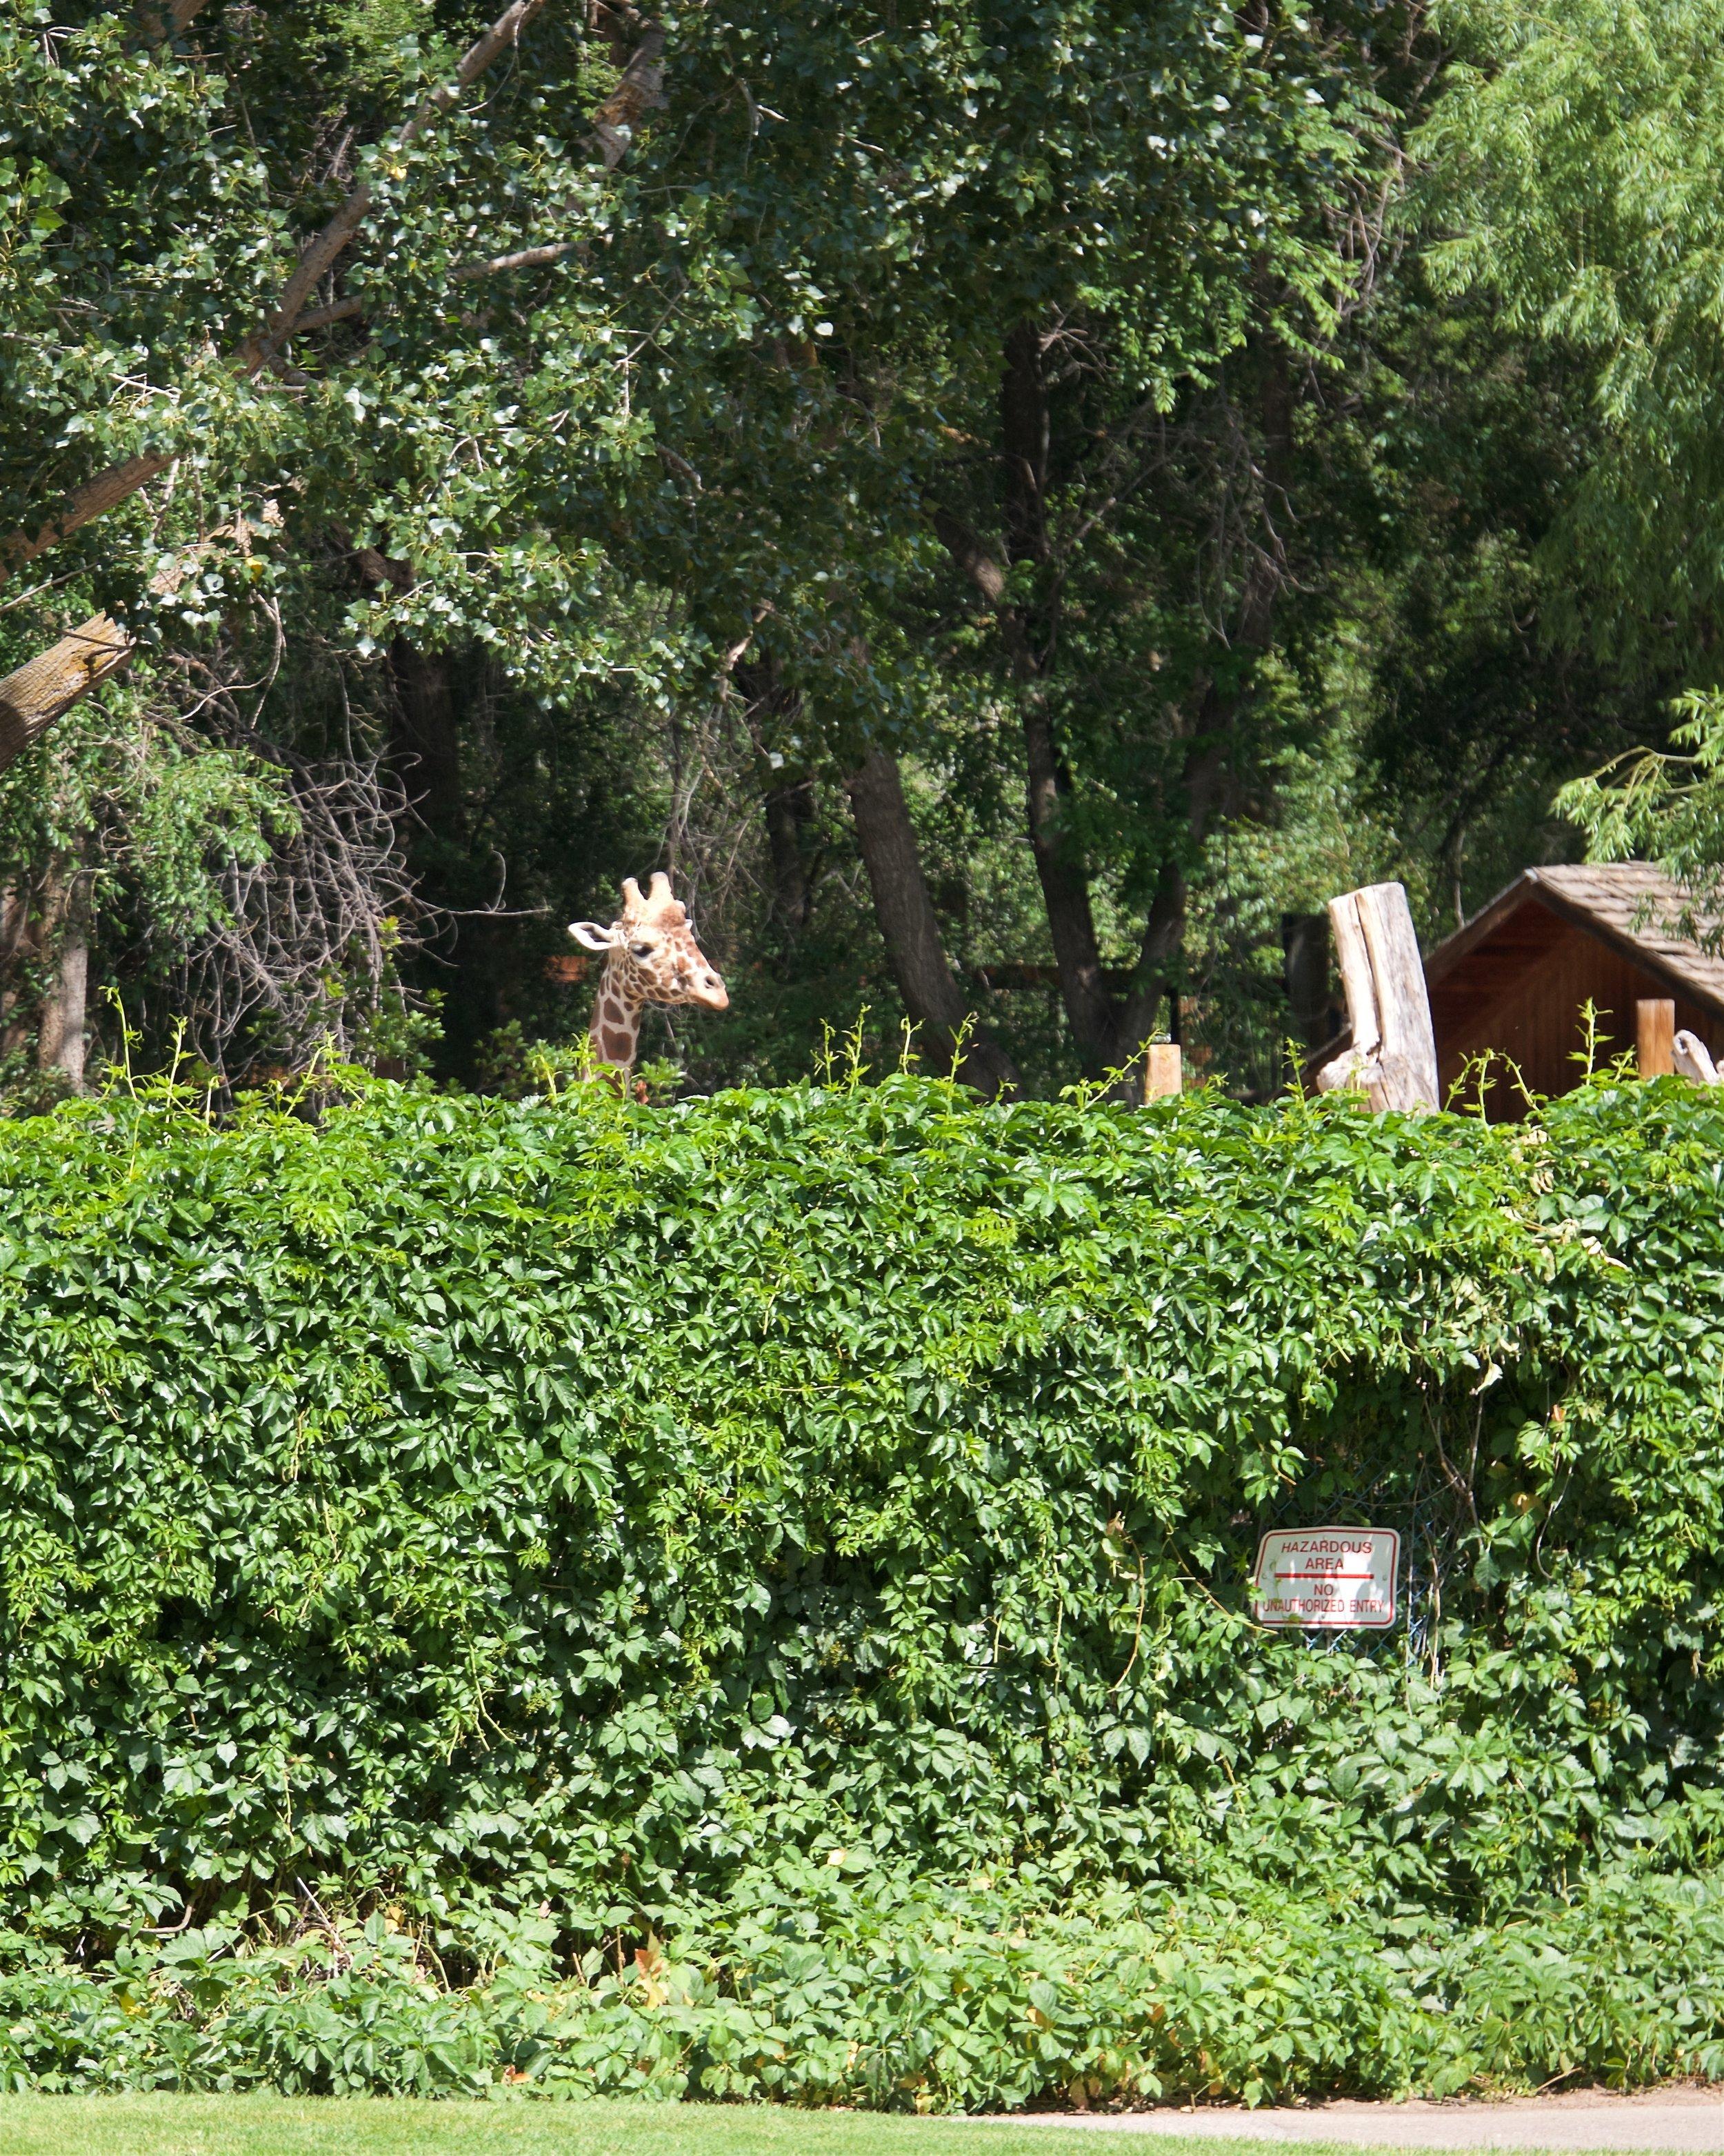 Giraffe at Zoo Boise